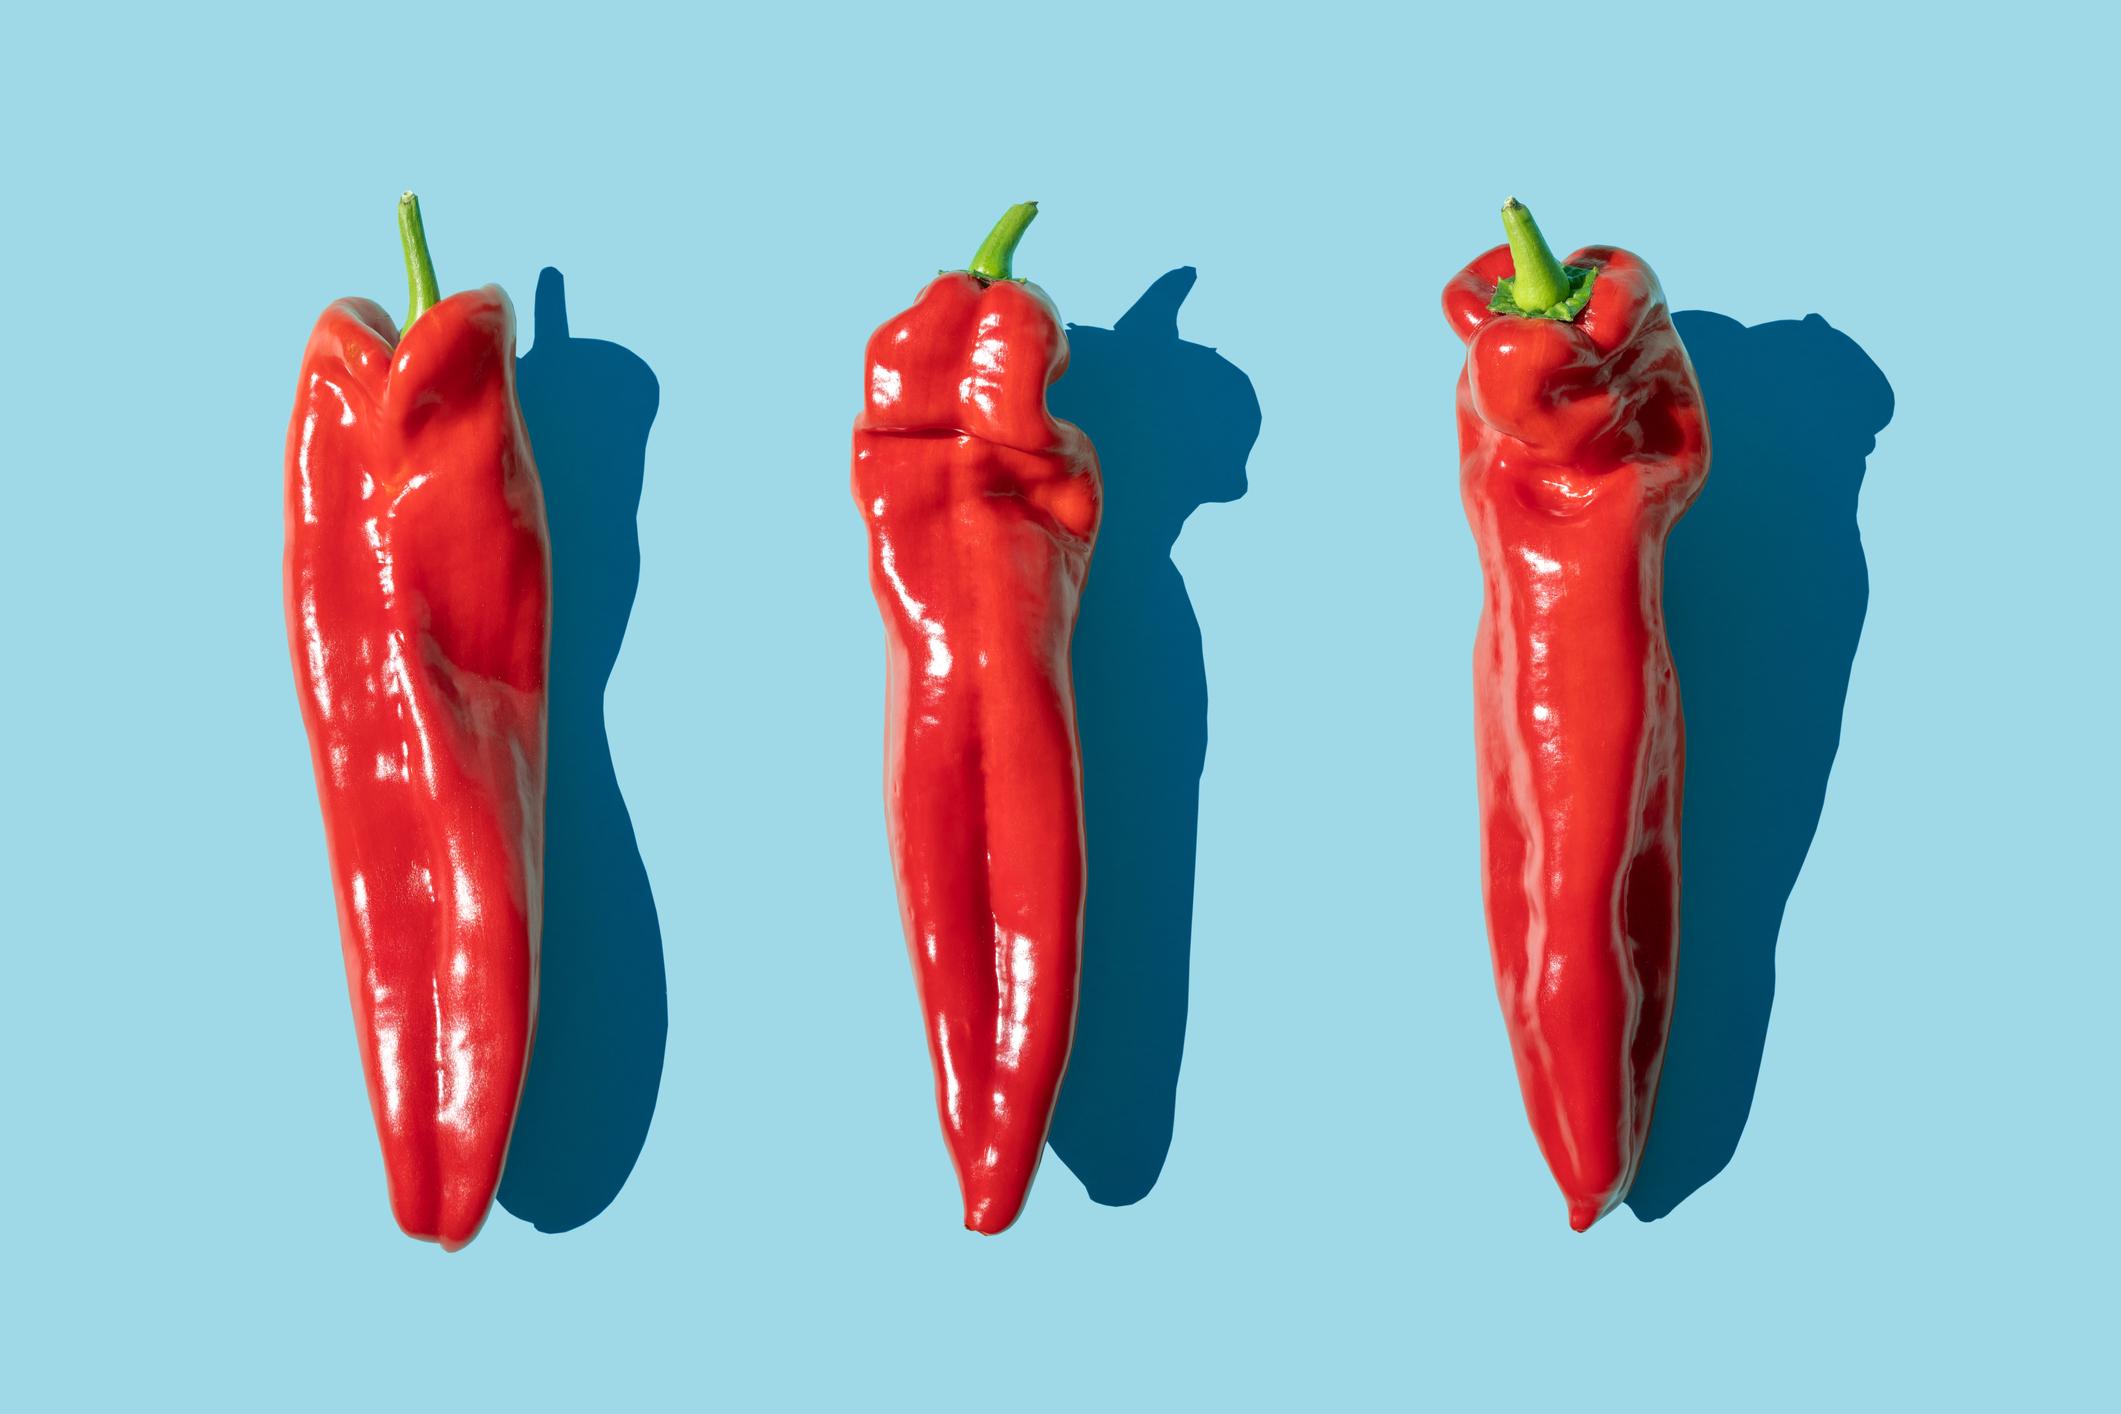 3 piments (un des meilleurs aliments pour brûler les graisses) sur un fond bleu.